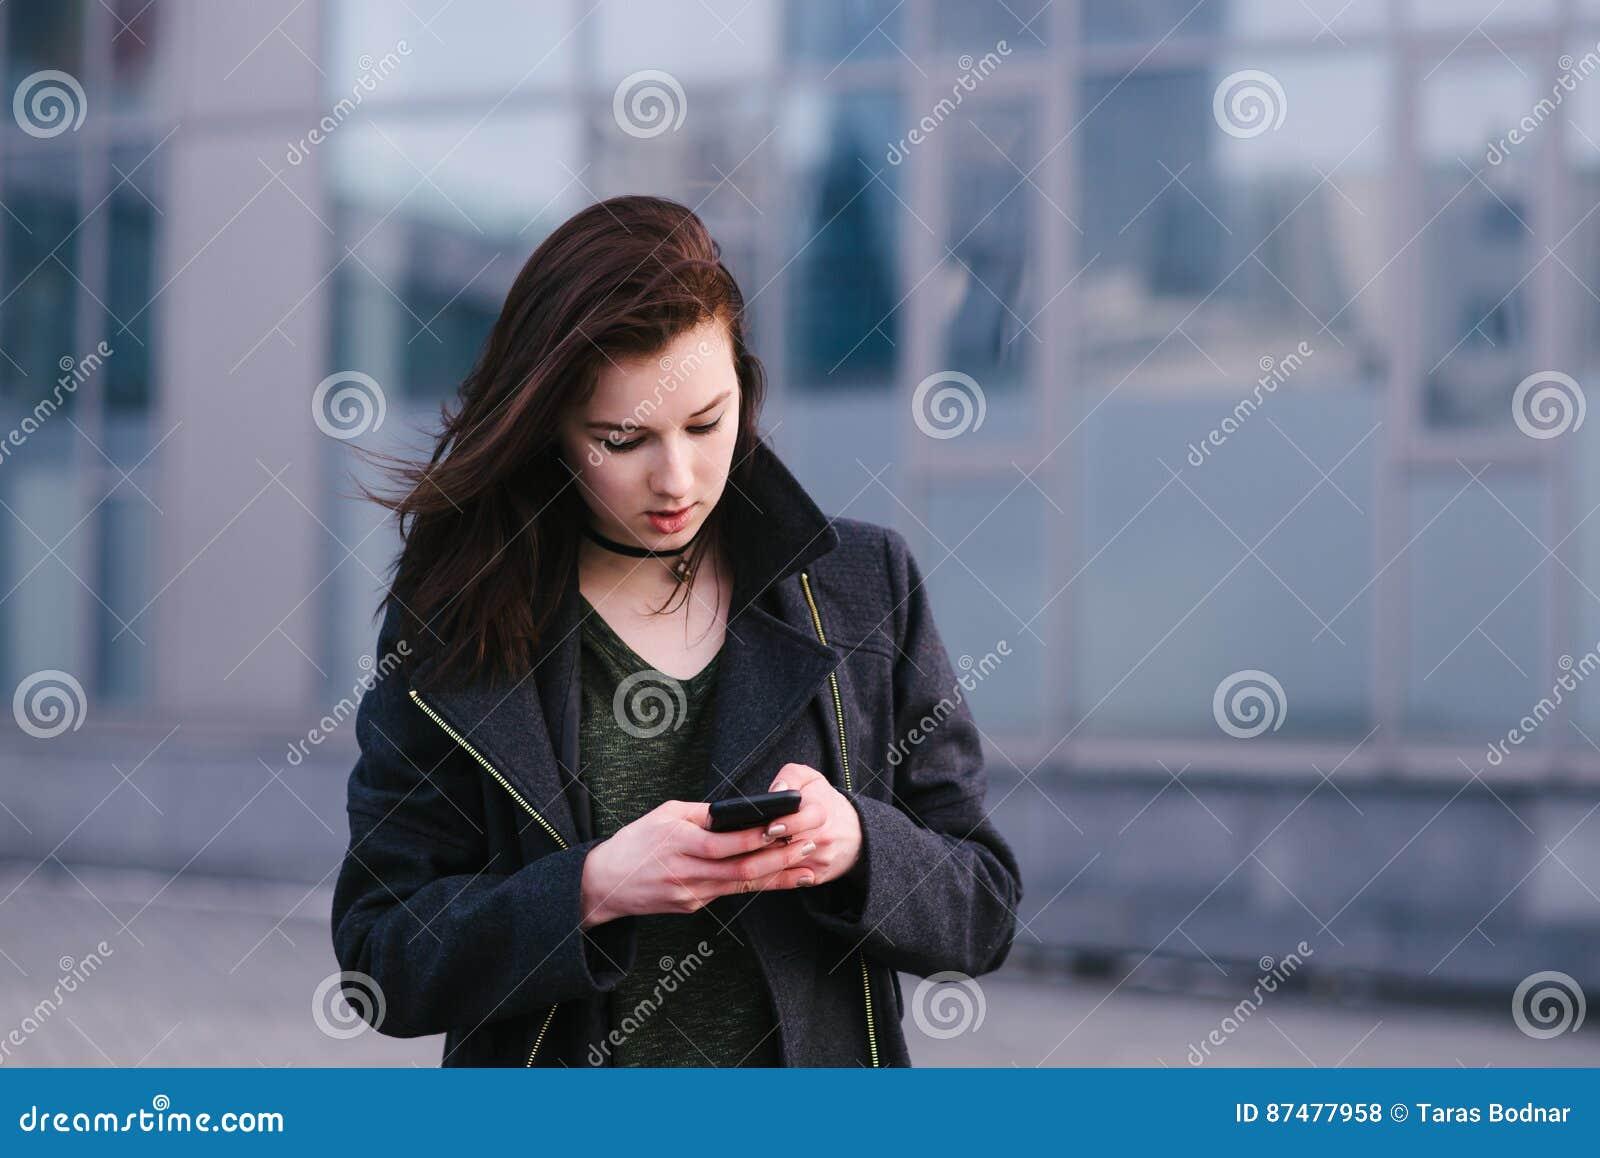 Портрет красивой девушки брюнет одел в черноте, которая использует мобильный телефон на предпосылке современной архитектуры